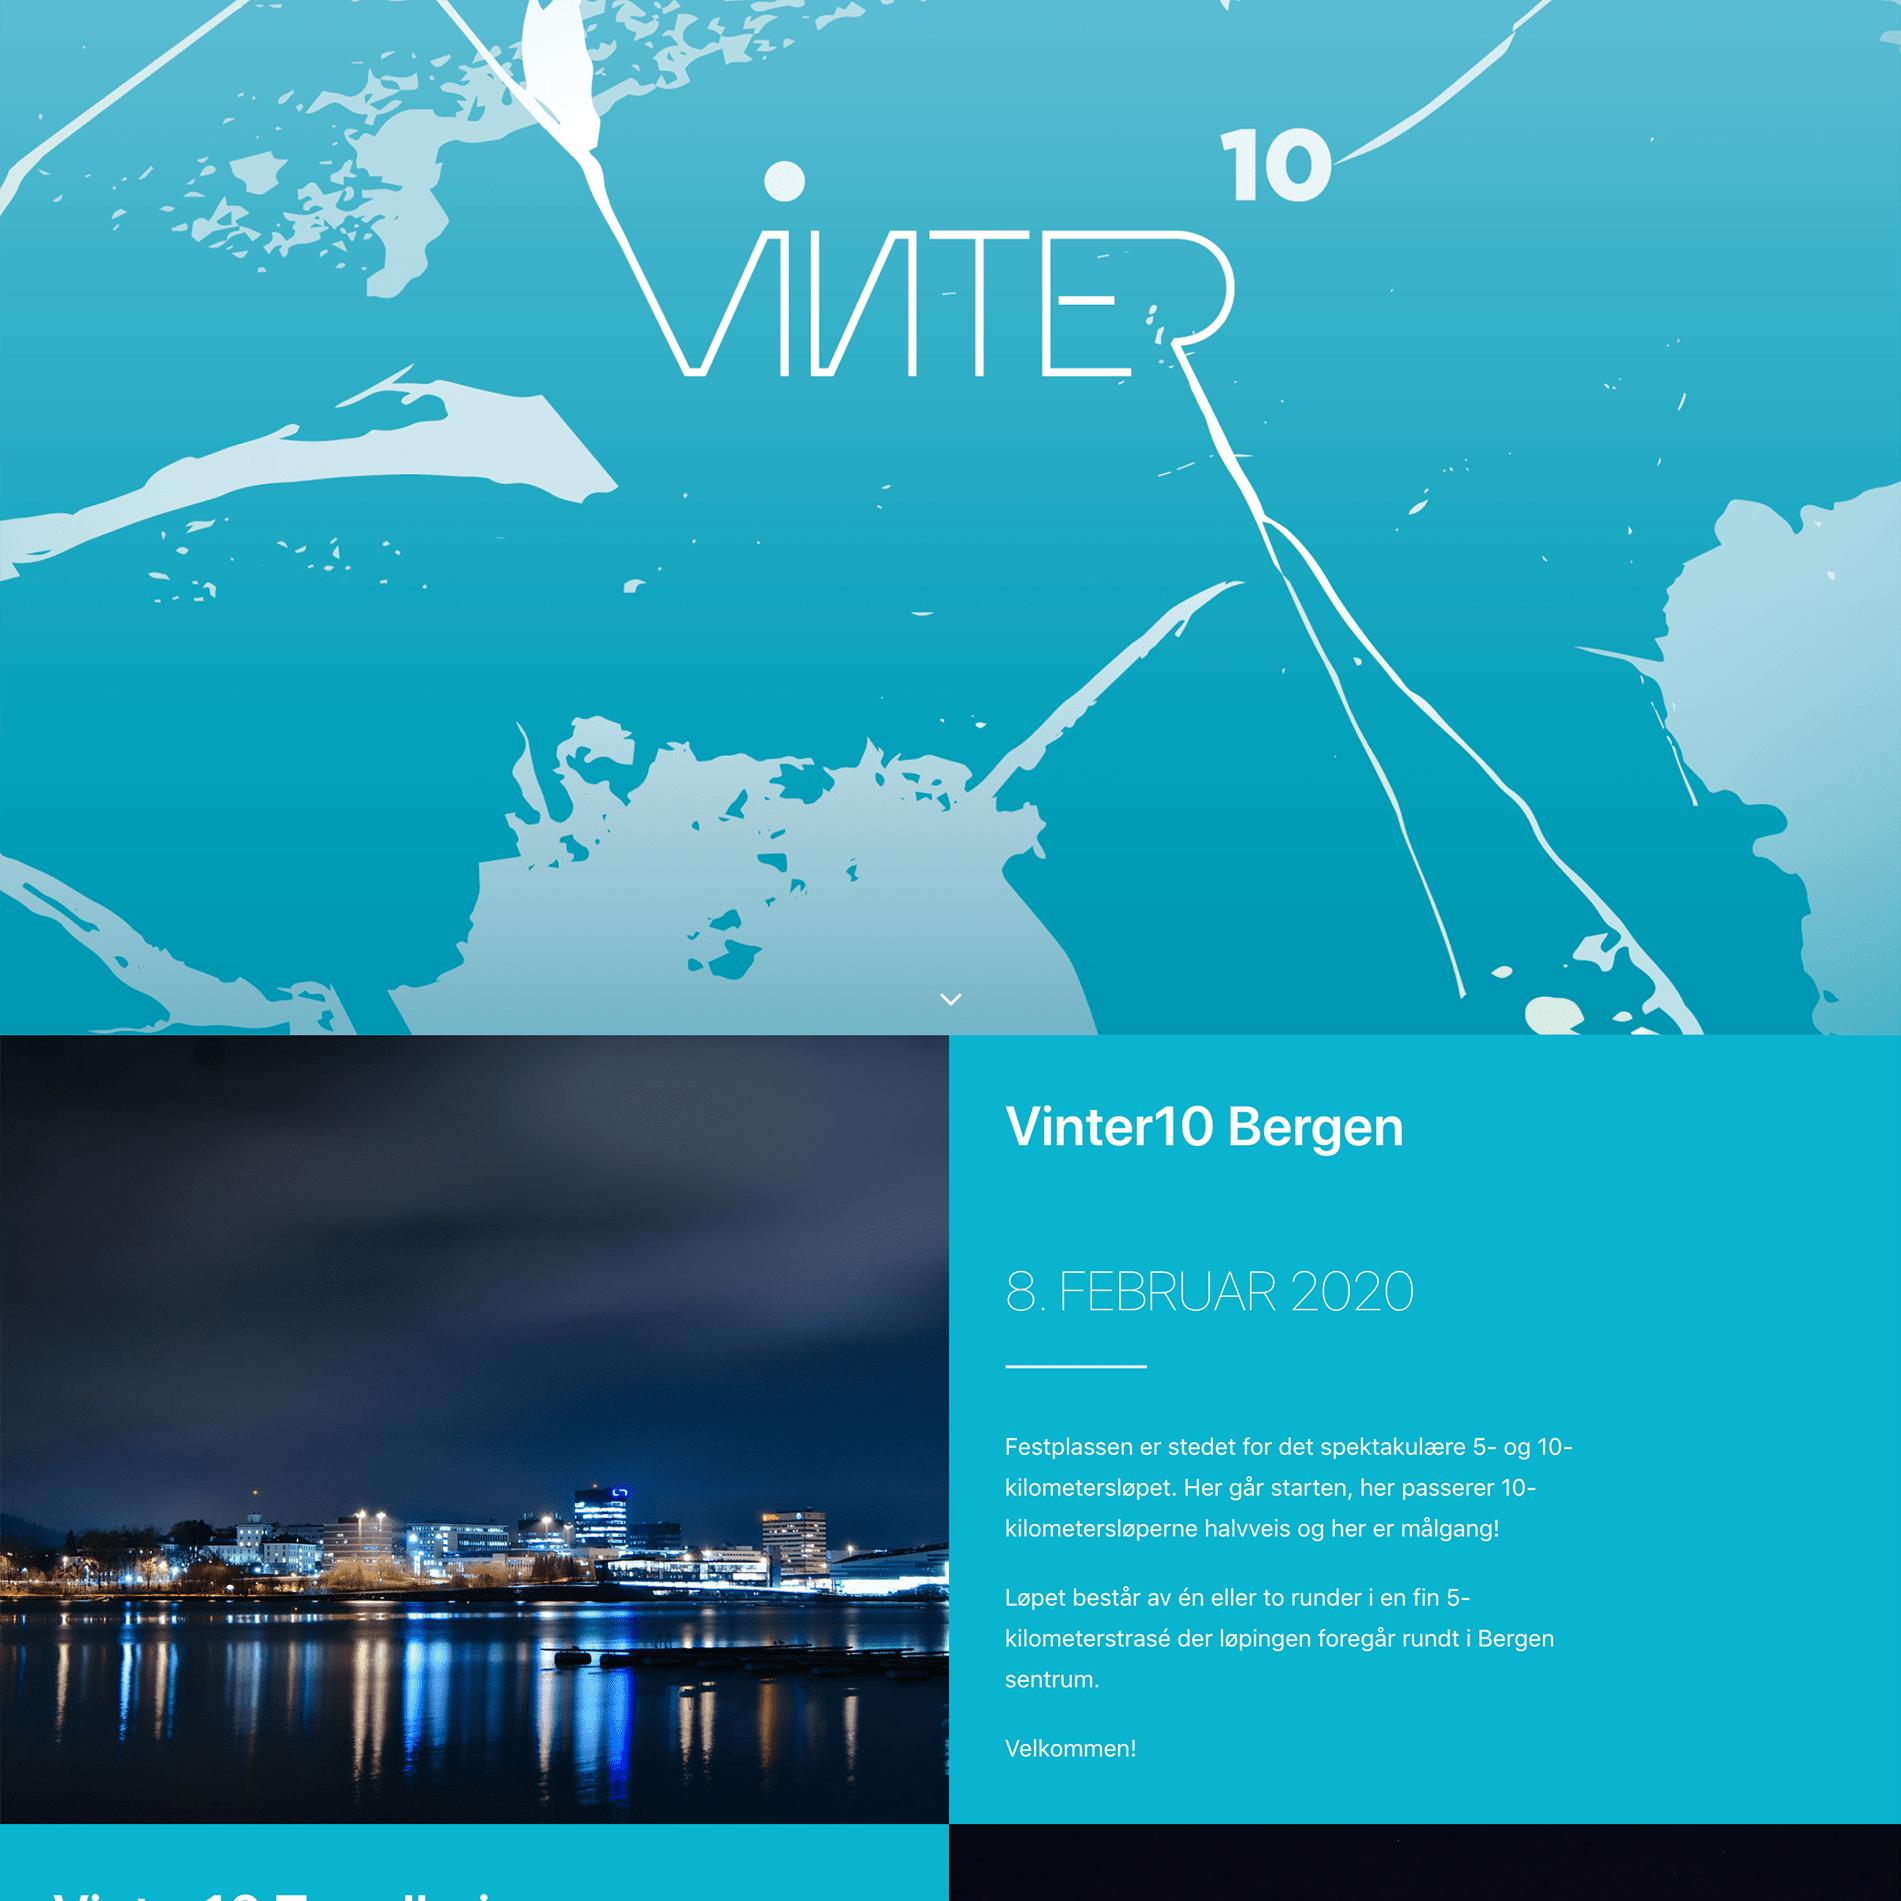 Vinterti webside